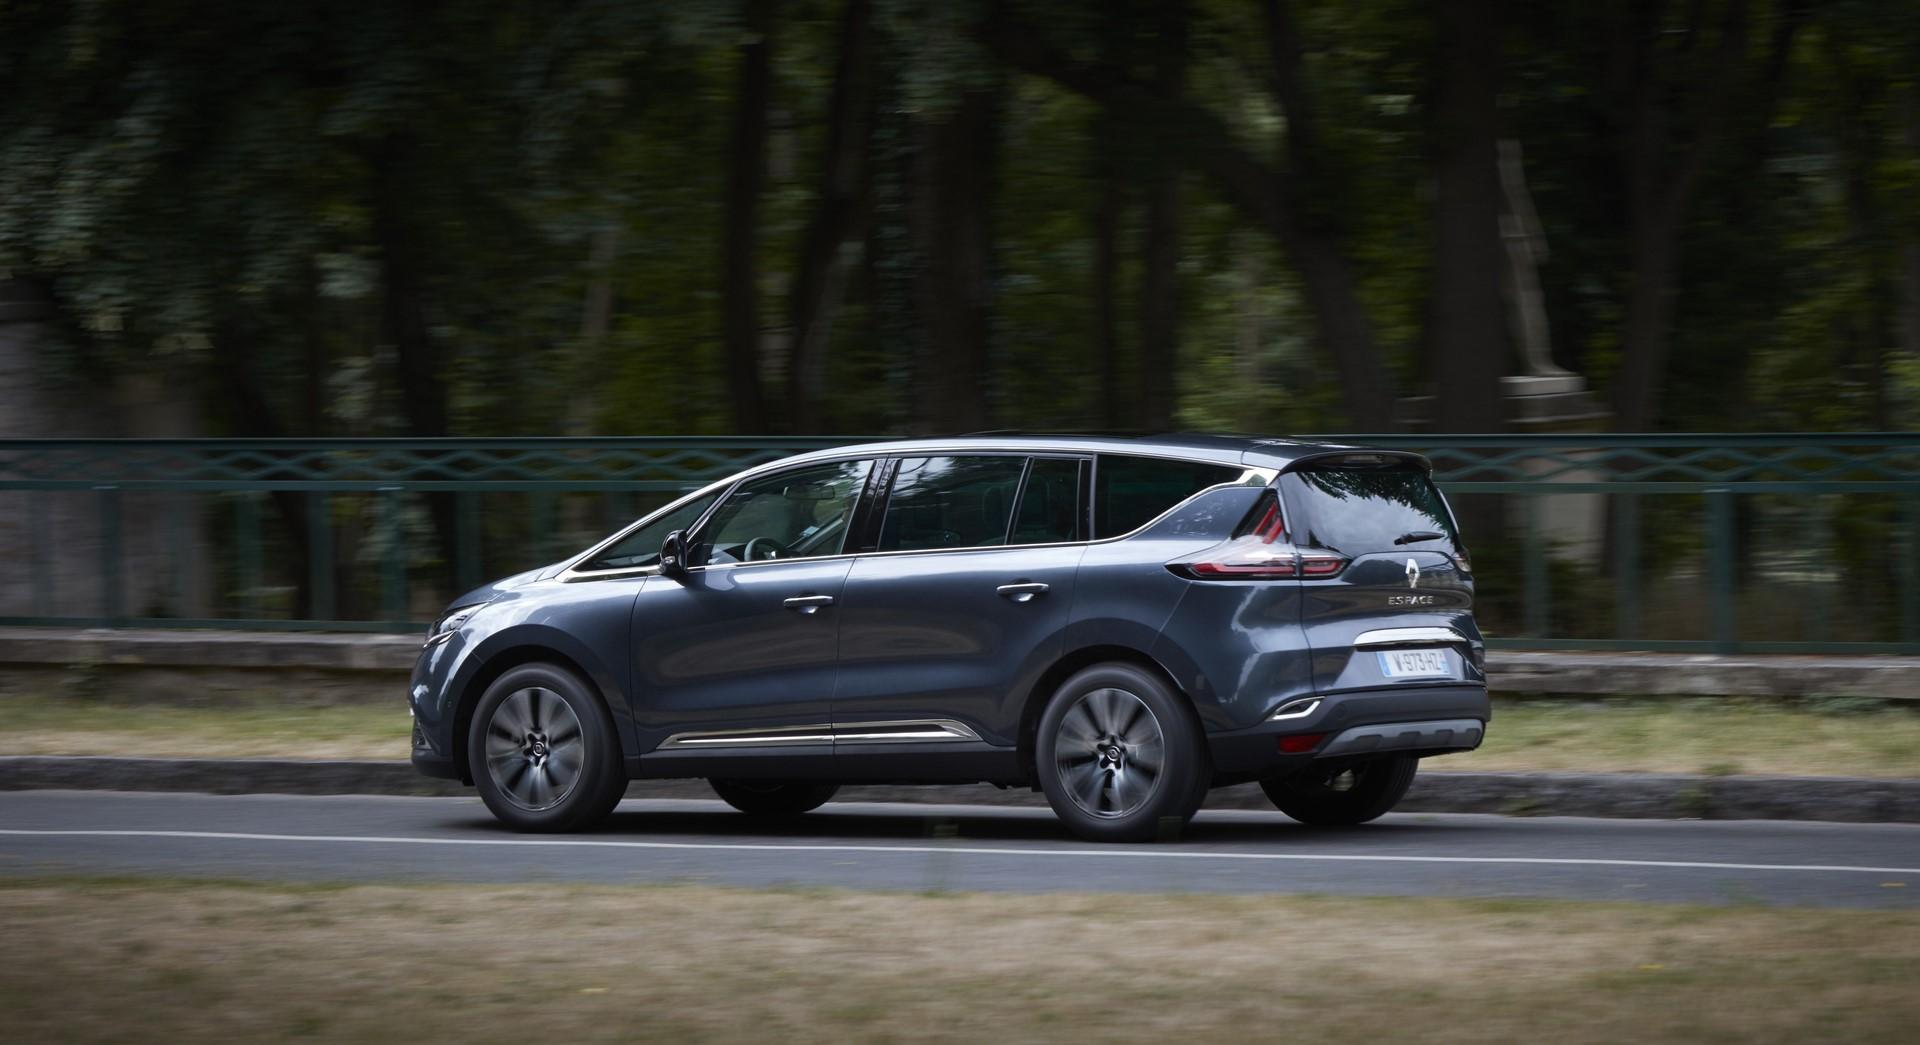 Renault_93192_global_en